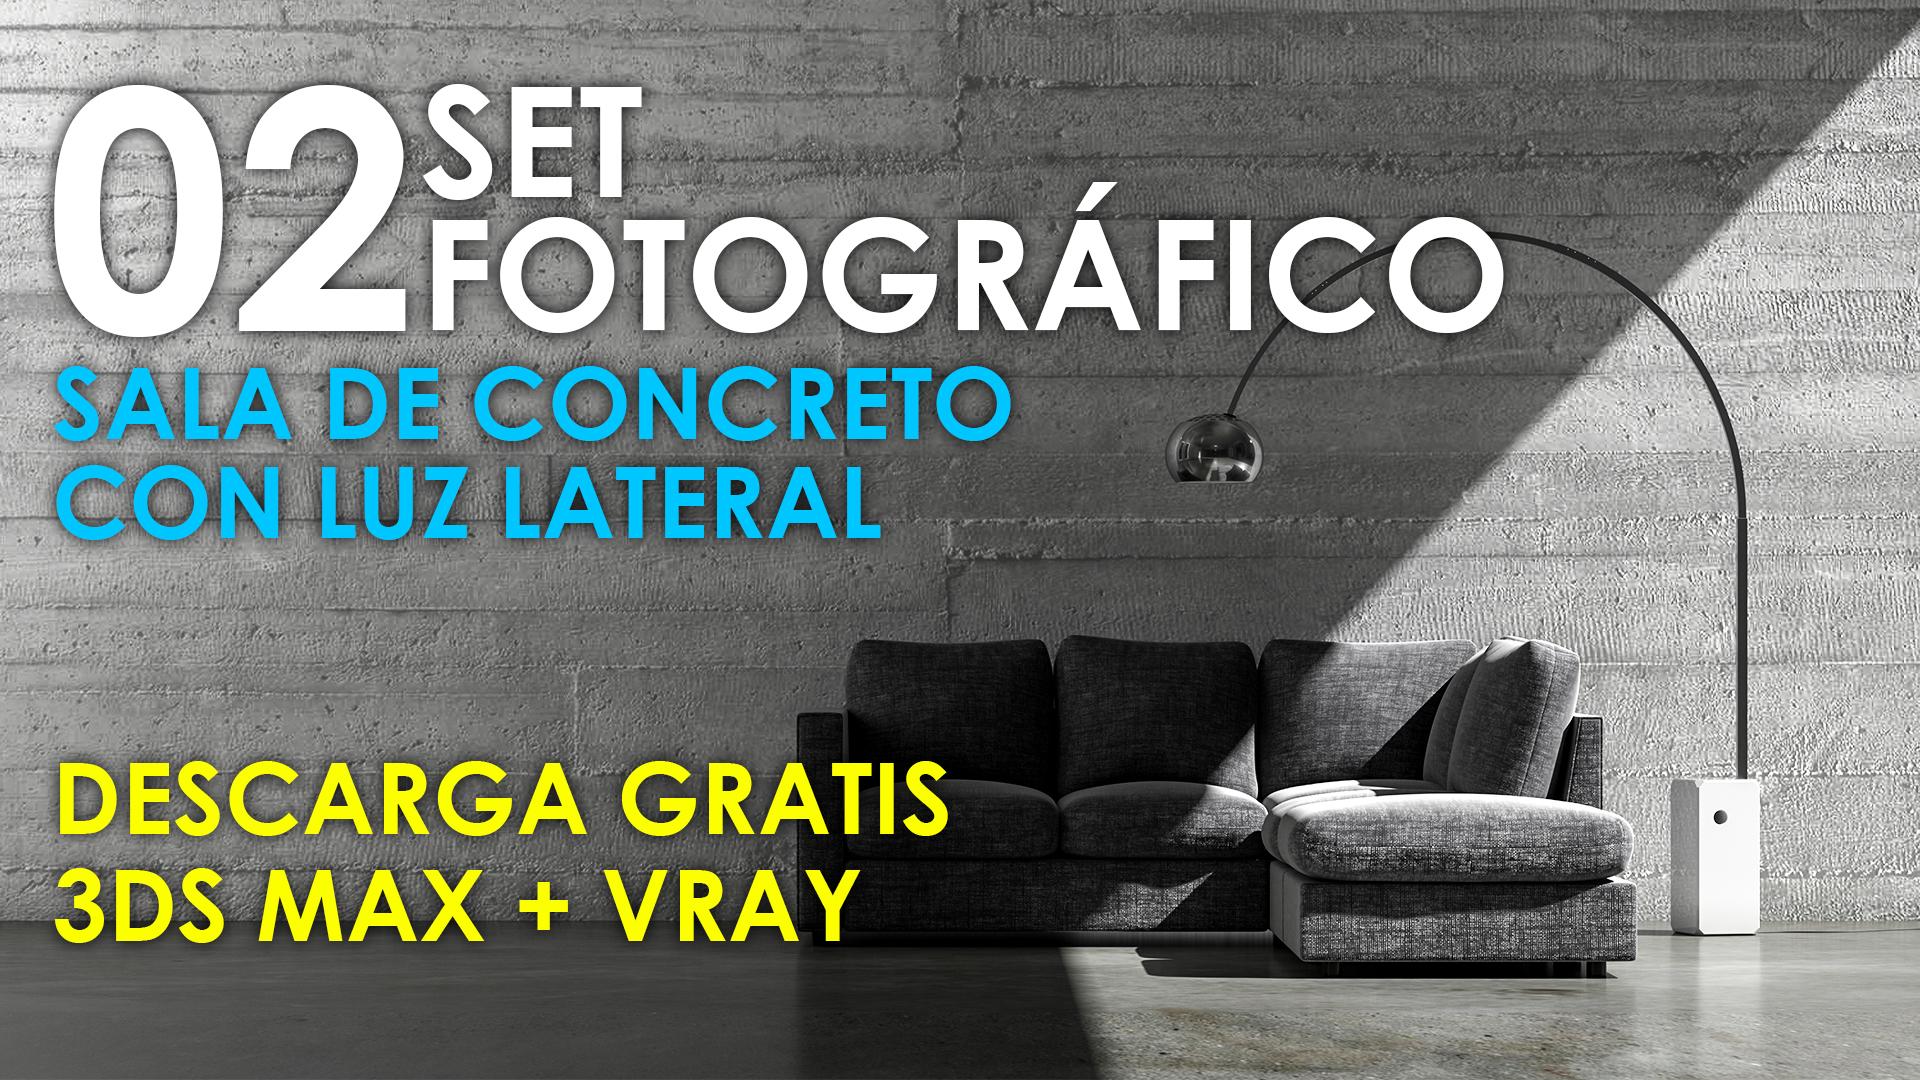 Set de iluminación y fotografía 02 - Sala de concreto con luz lateral